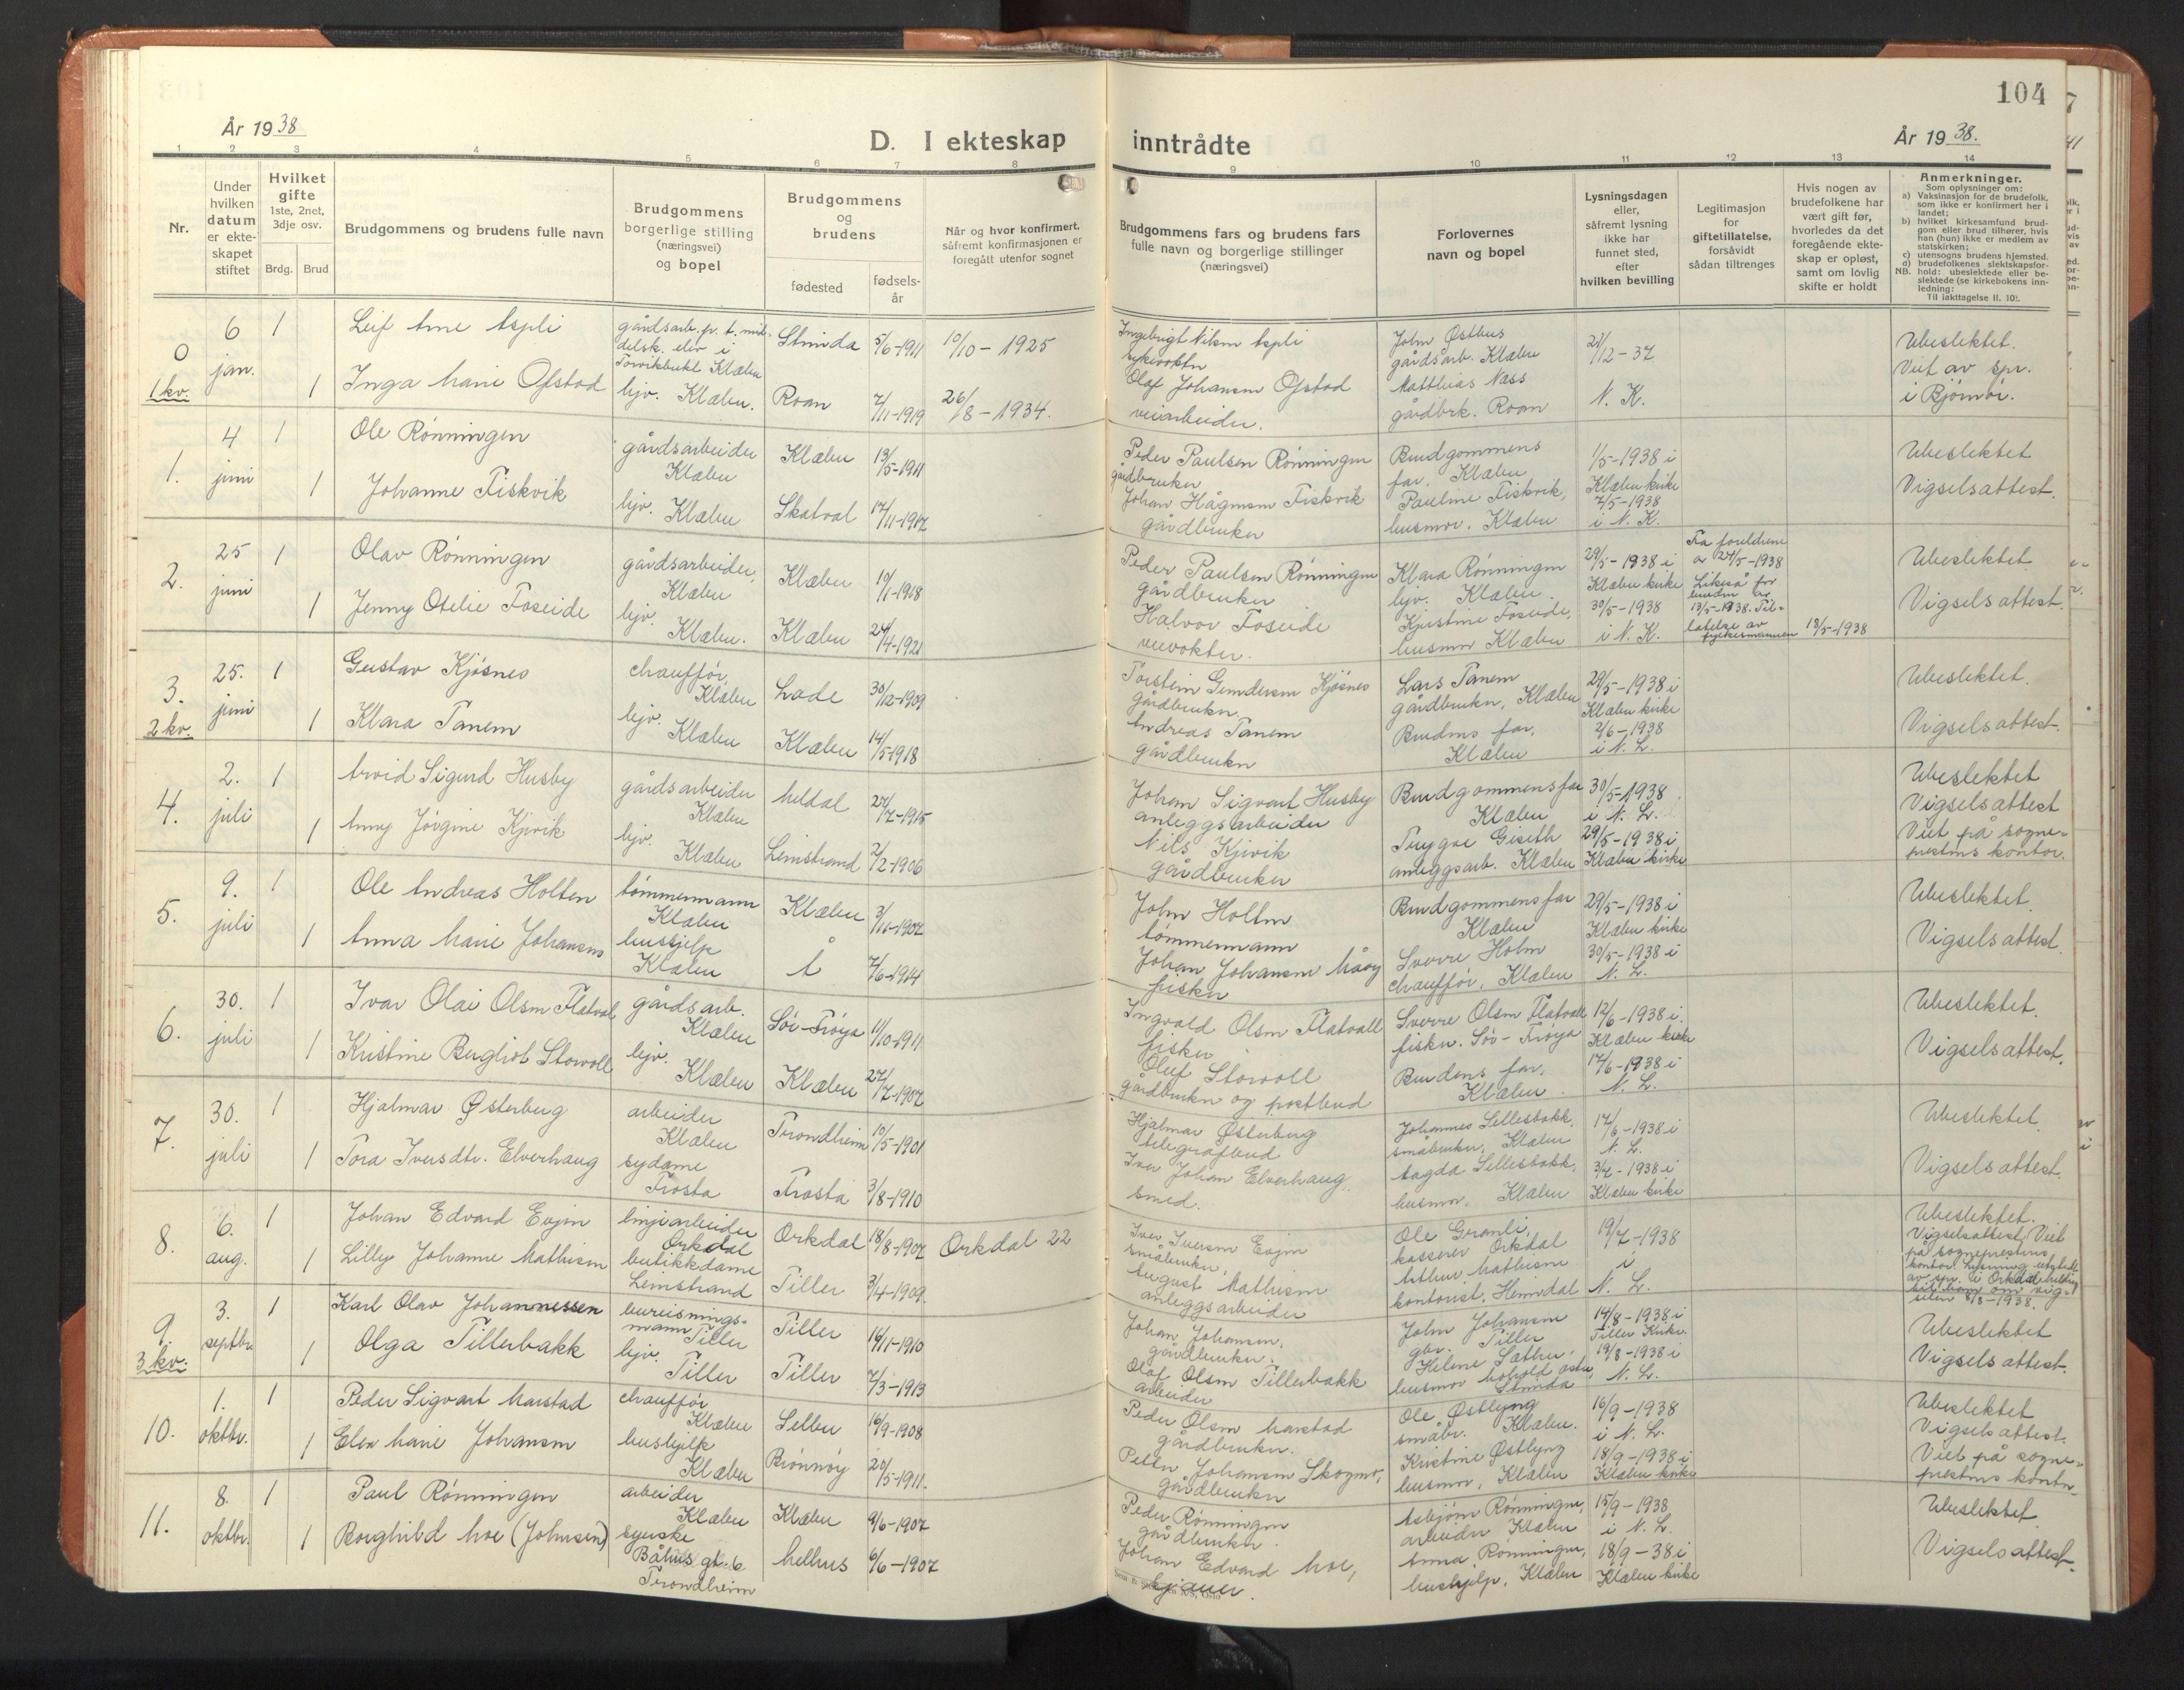 SAT, Ministerialprotokoller, klokkerbøker og fødselsregistre - Sør-Trøndelag, 618/L0454: Klokkerbok nr. 618C05, 1926-1946, s. 104